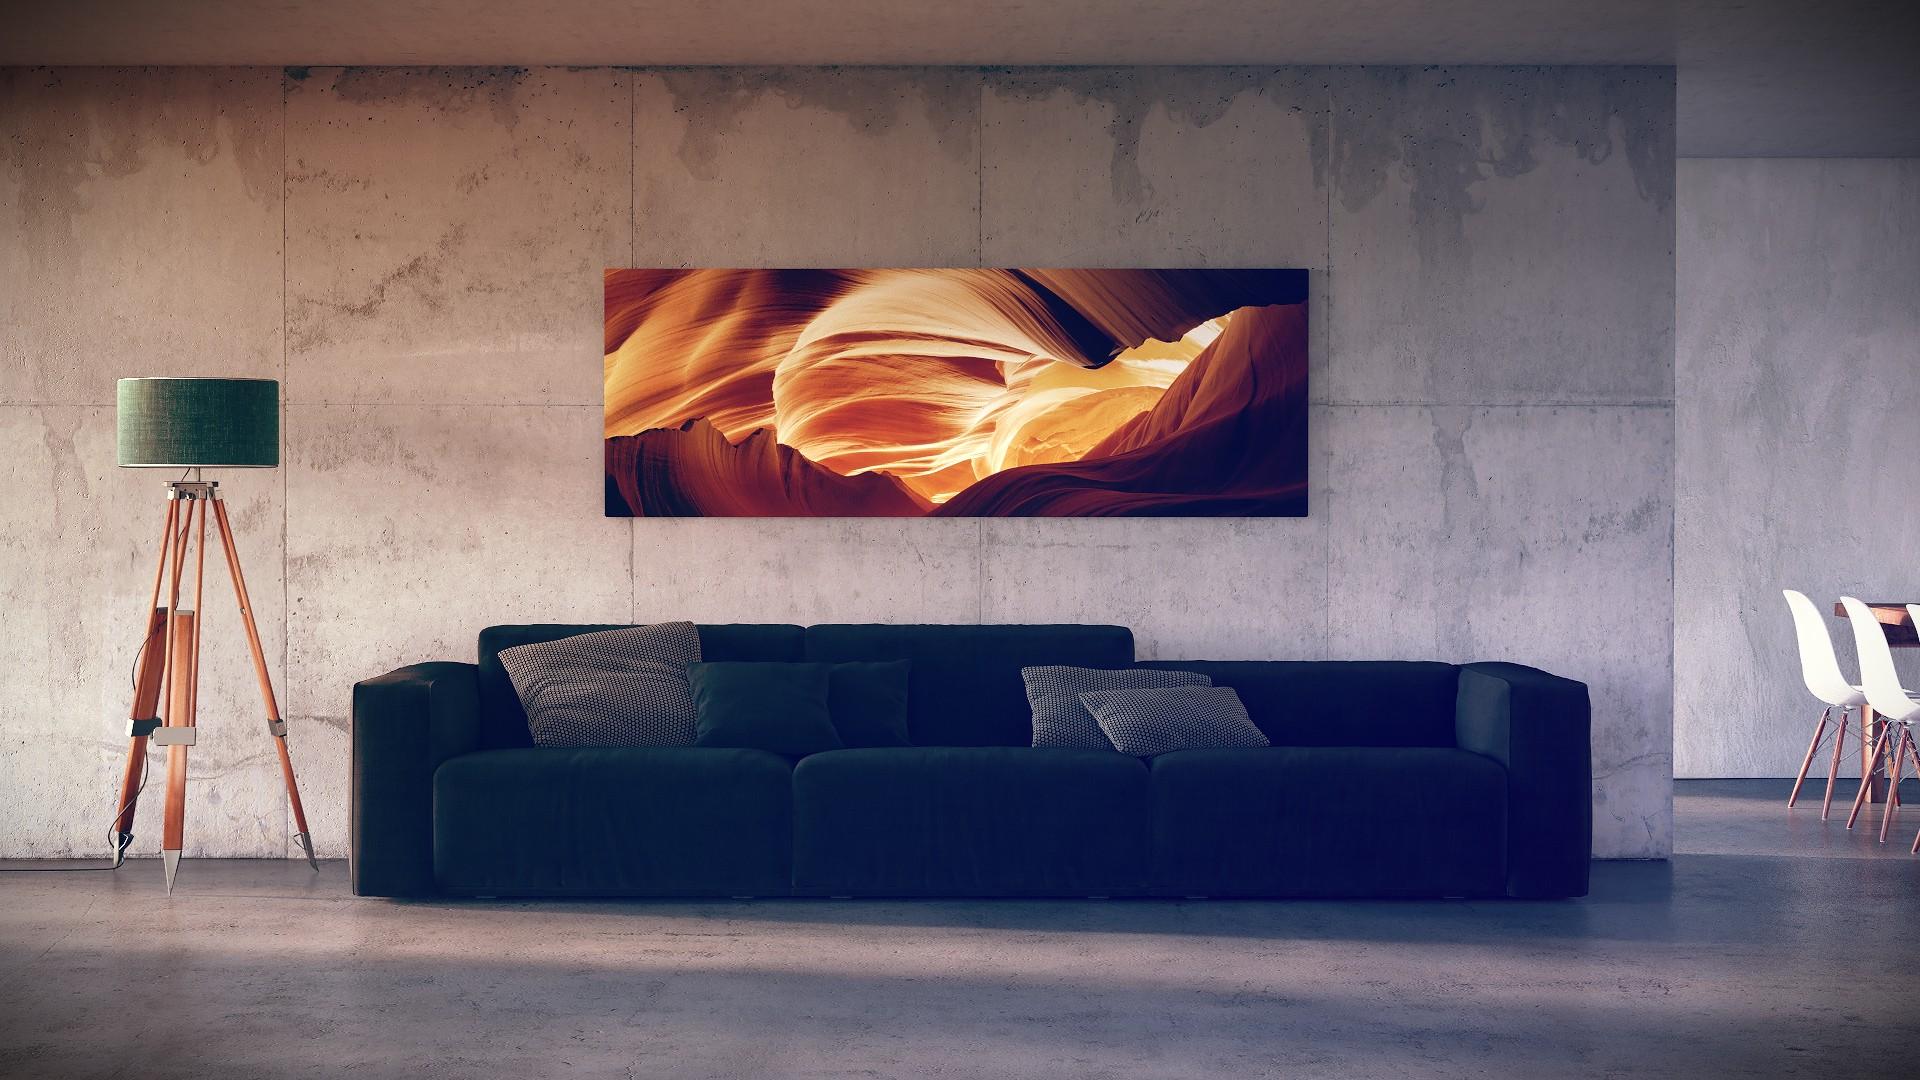 Baggrunde : maleri, værelse, interiør, væg, træ, sofa, blå, lampe ...